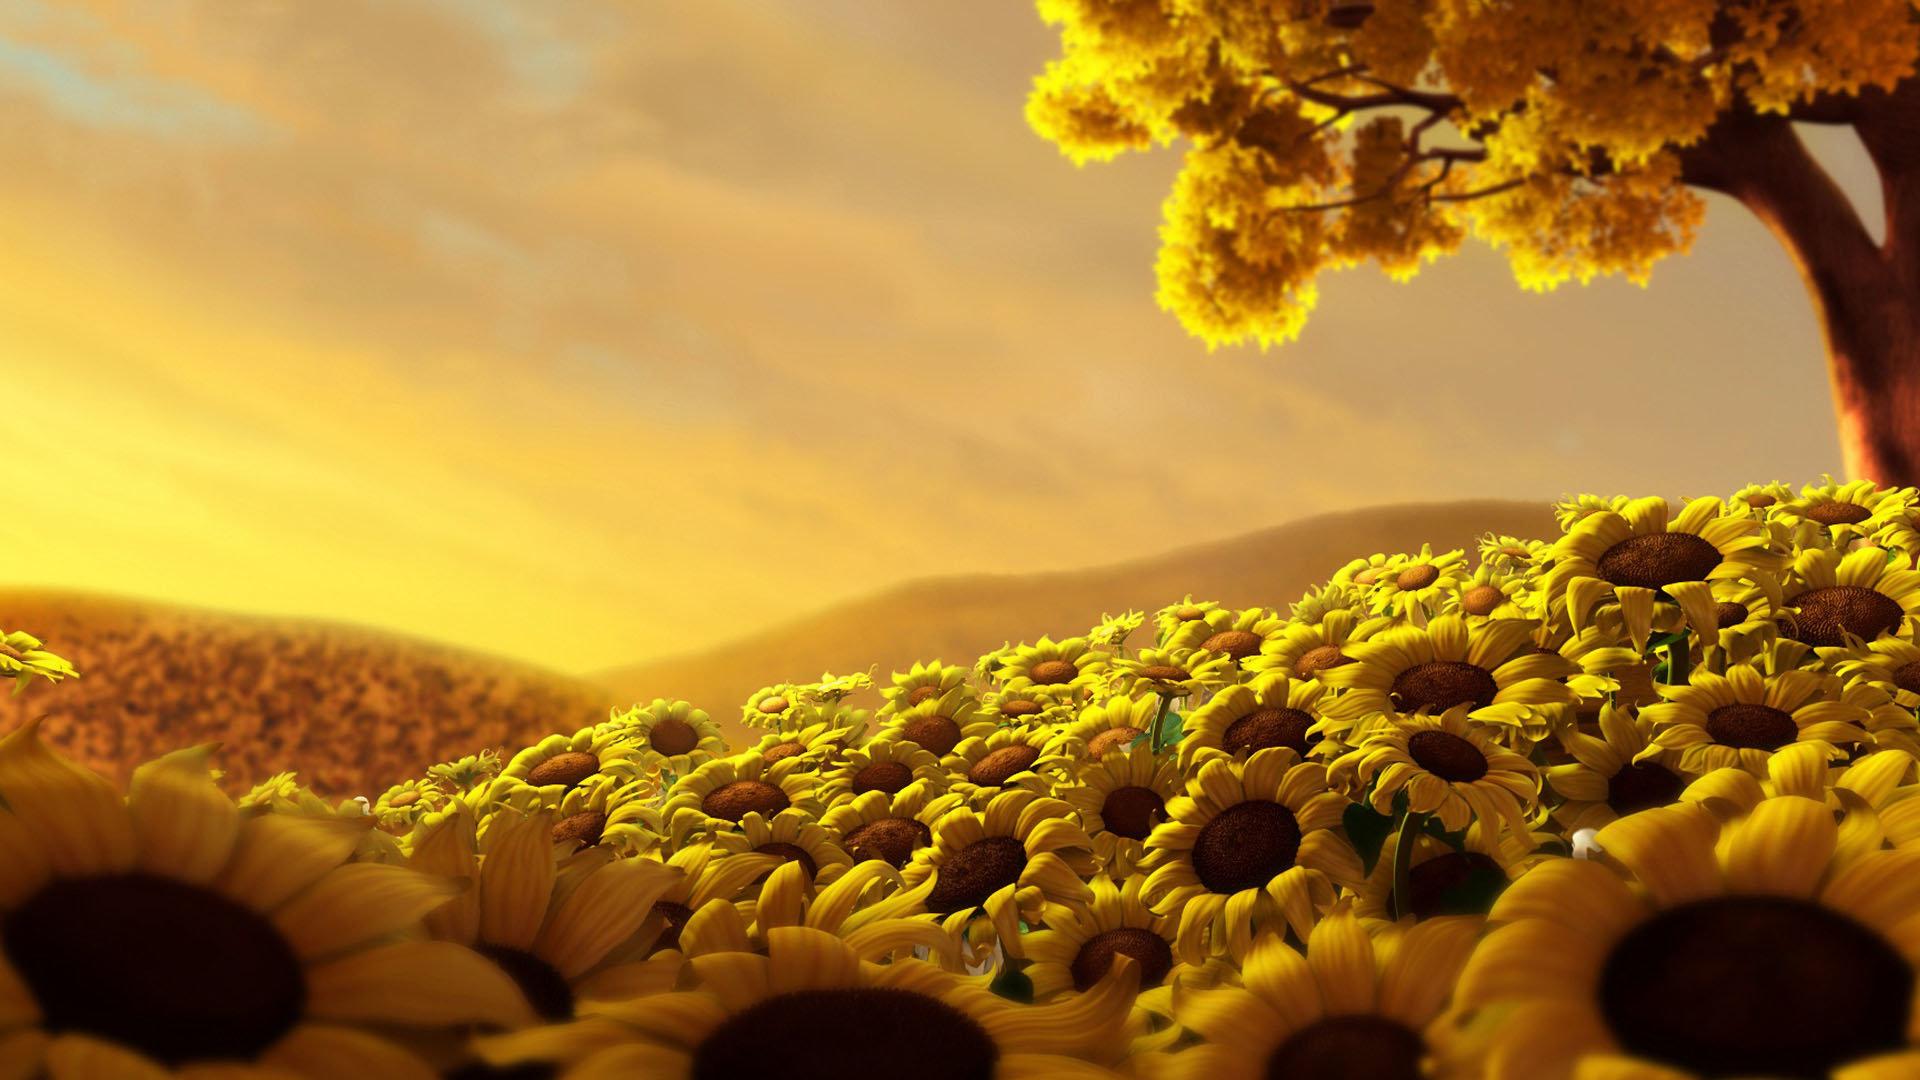 sunflower background full hd 1080p 226264